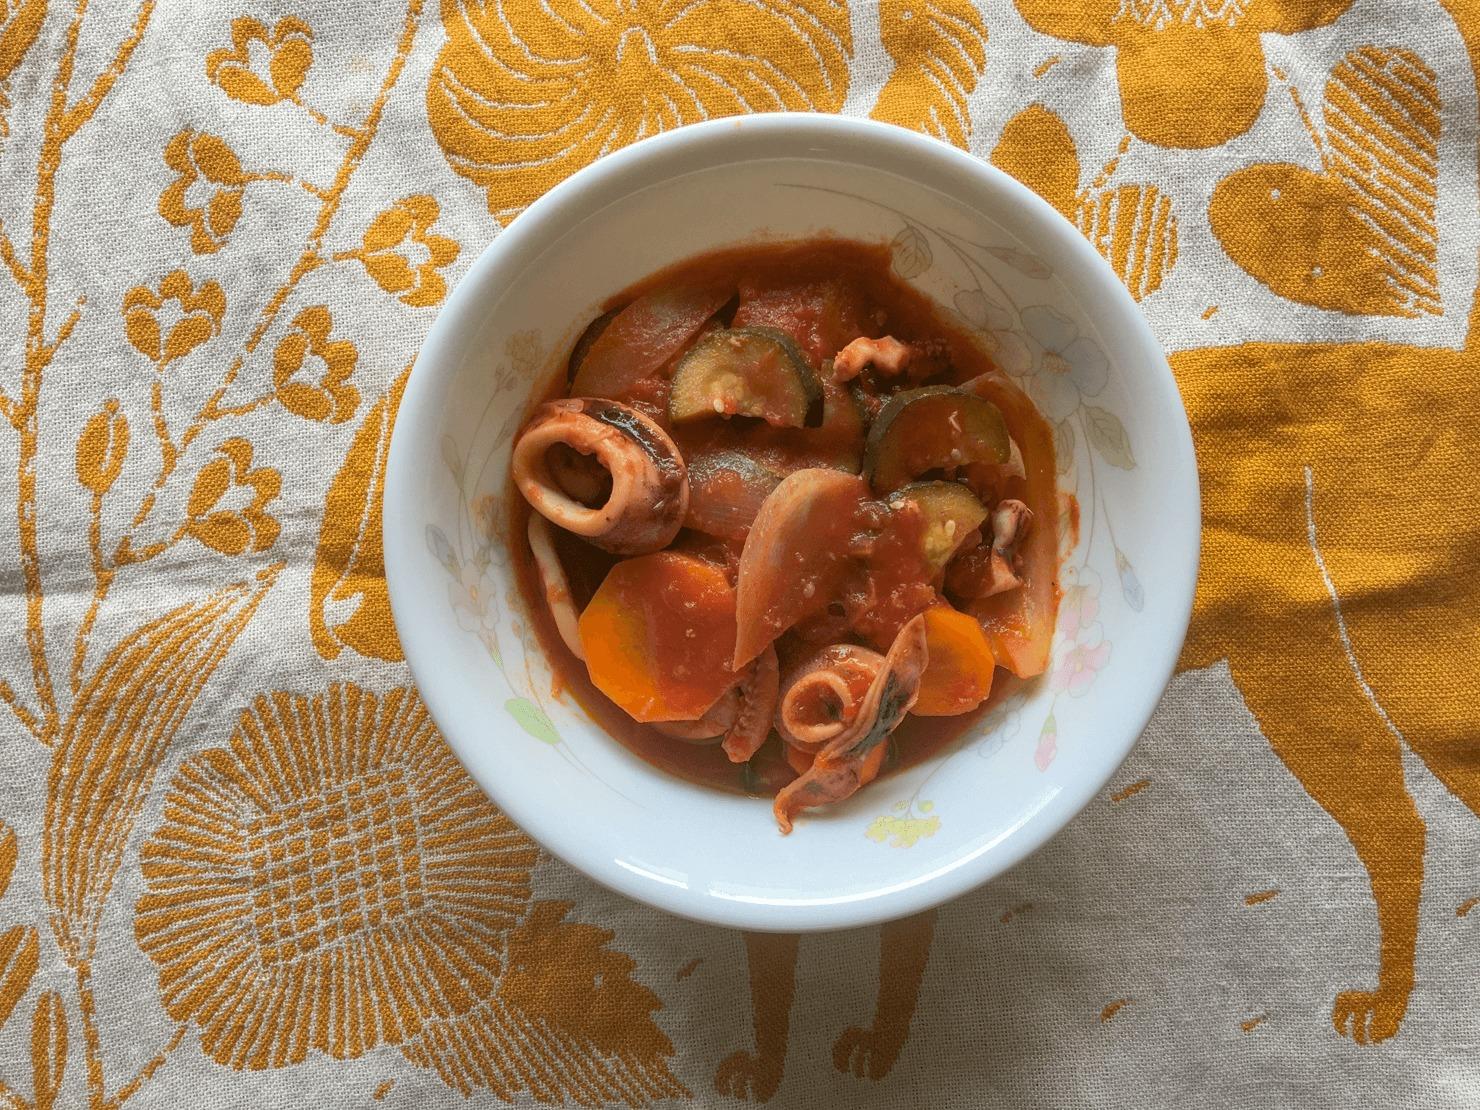 ズッキーニとイカのトマト煮の写真